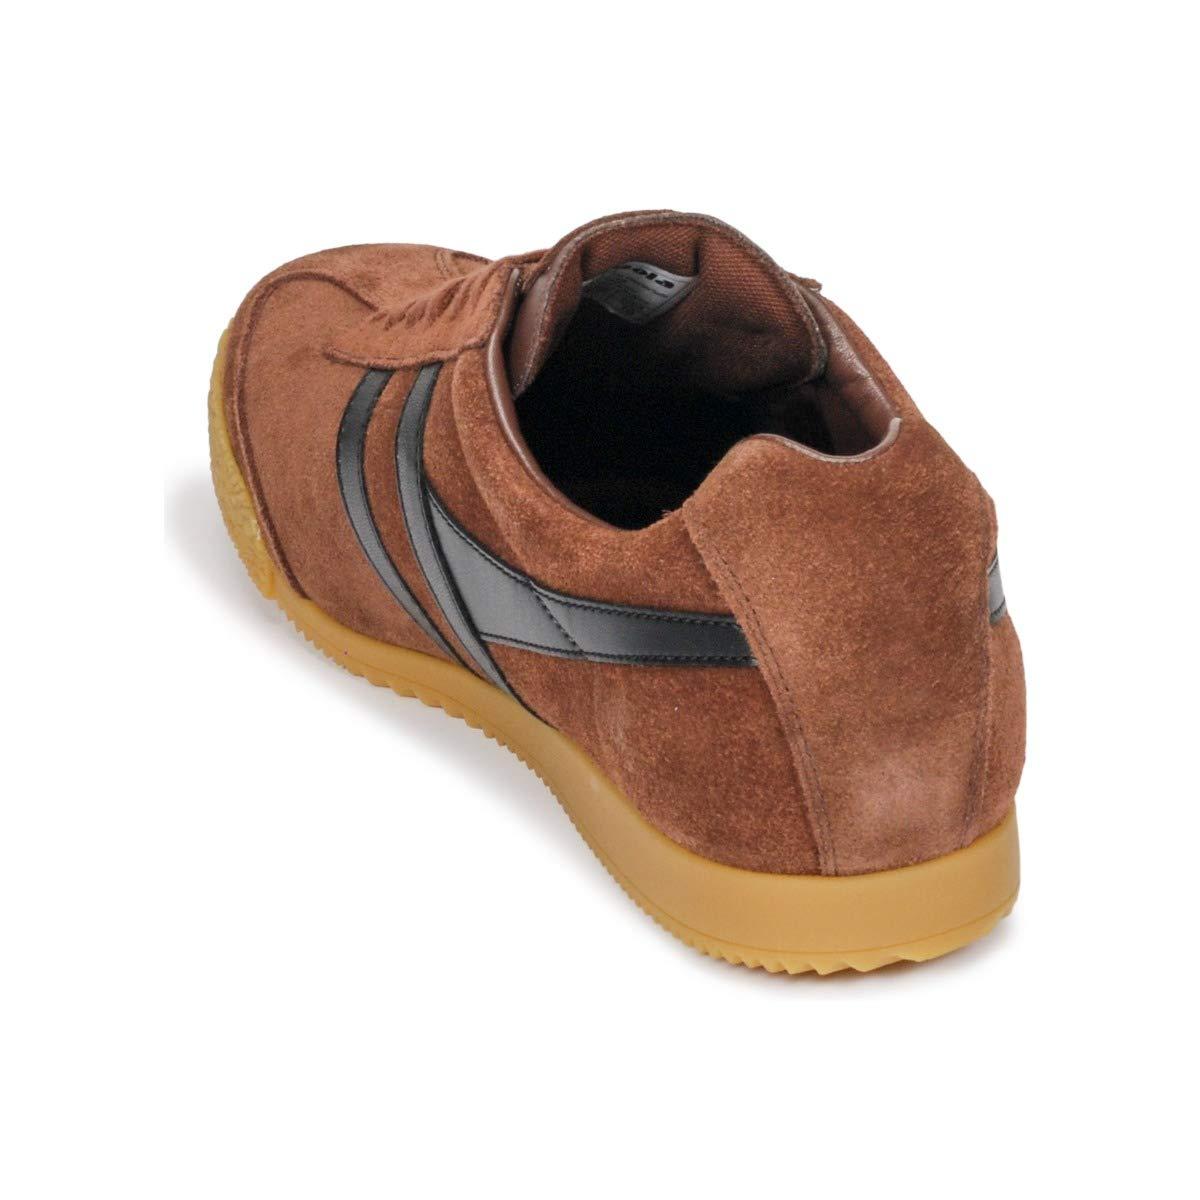 Gentiluomo   Signora Gola Harrier Suede, scarpe da da da ginnastica Uomo Prezzo pazzesco Ha una lunga reputazione Re della folla | Design moderno  3dfac9